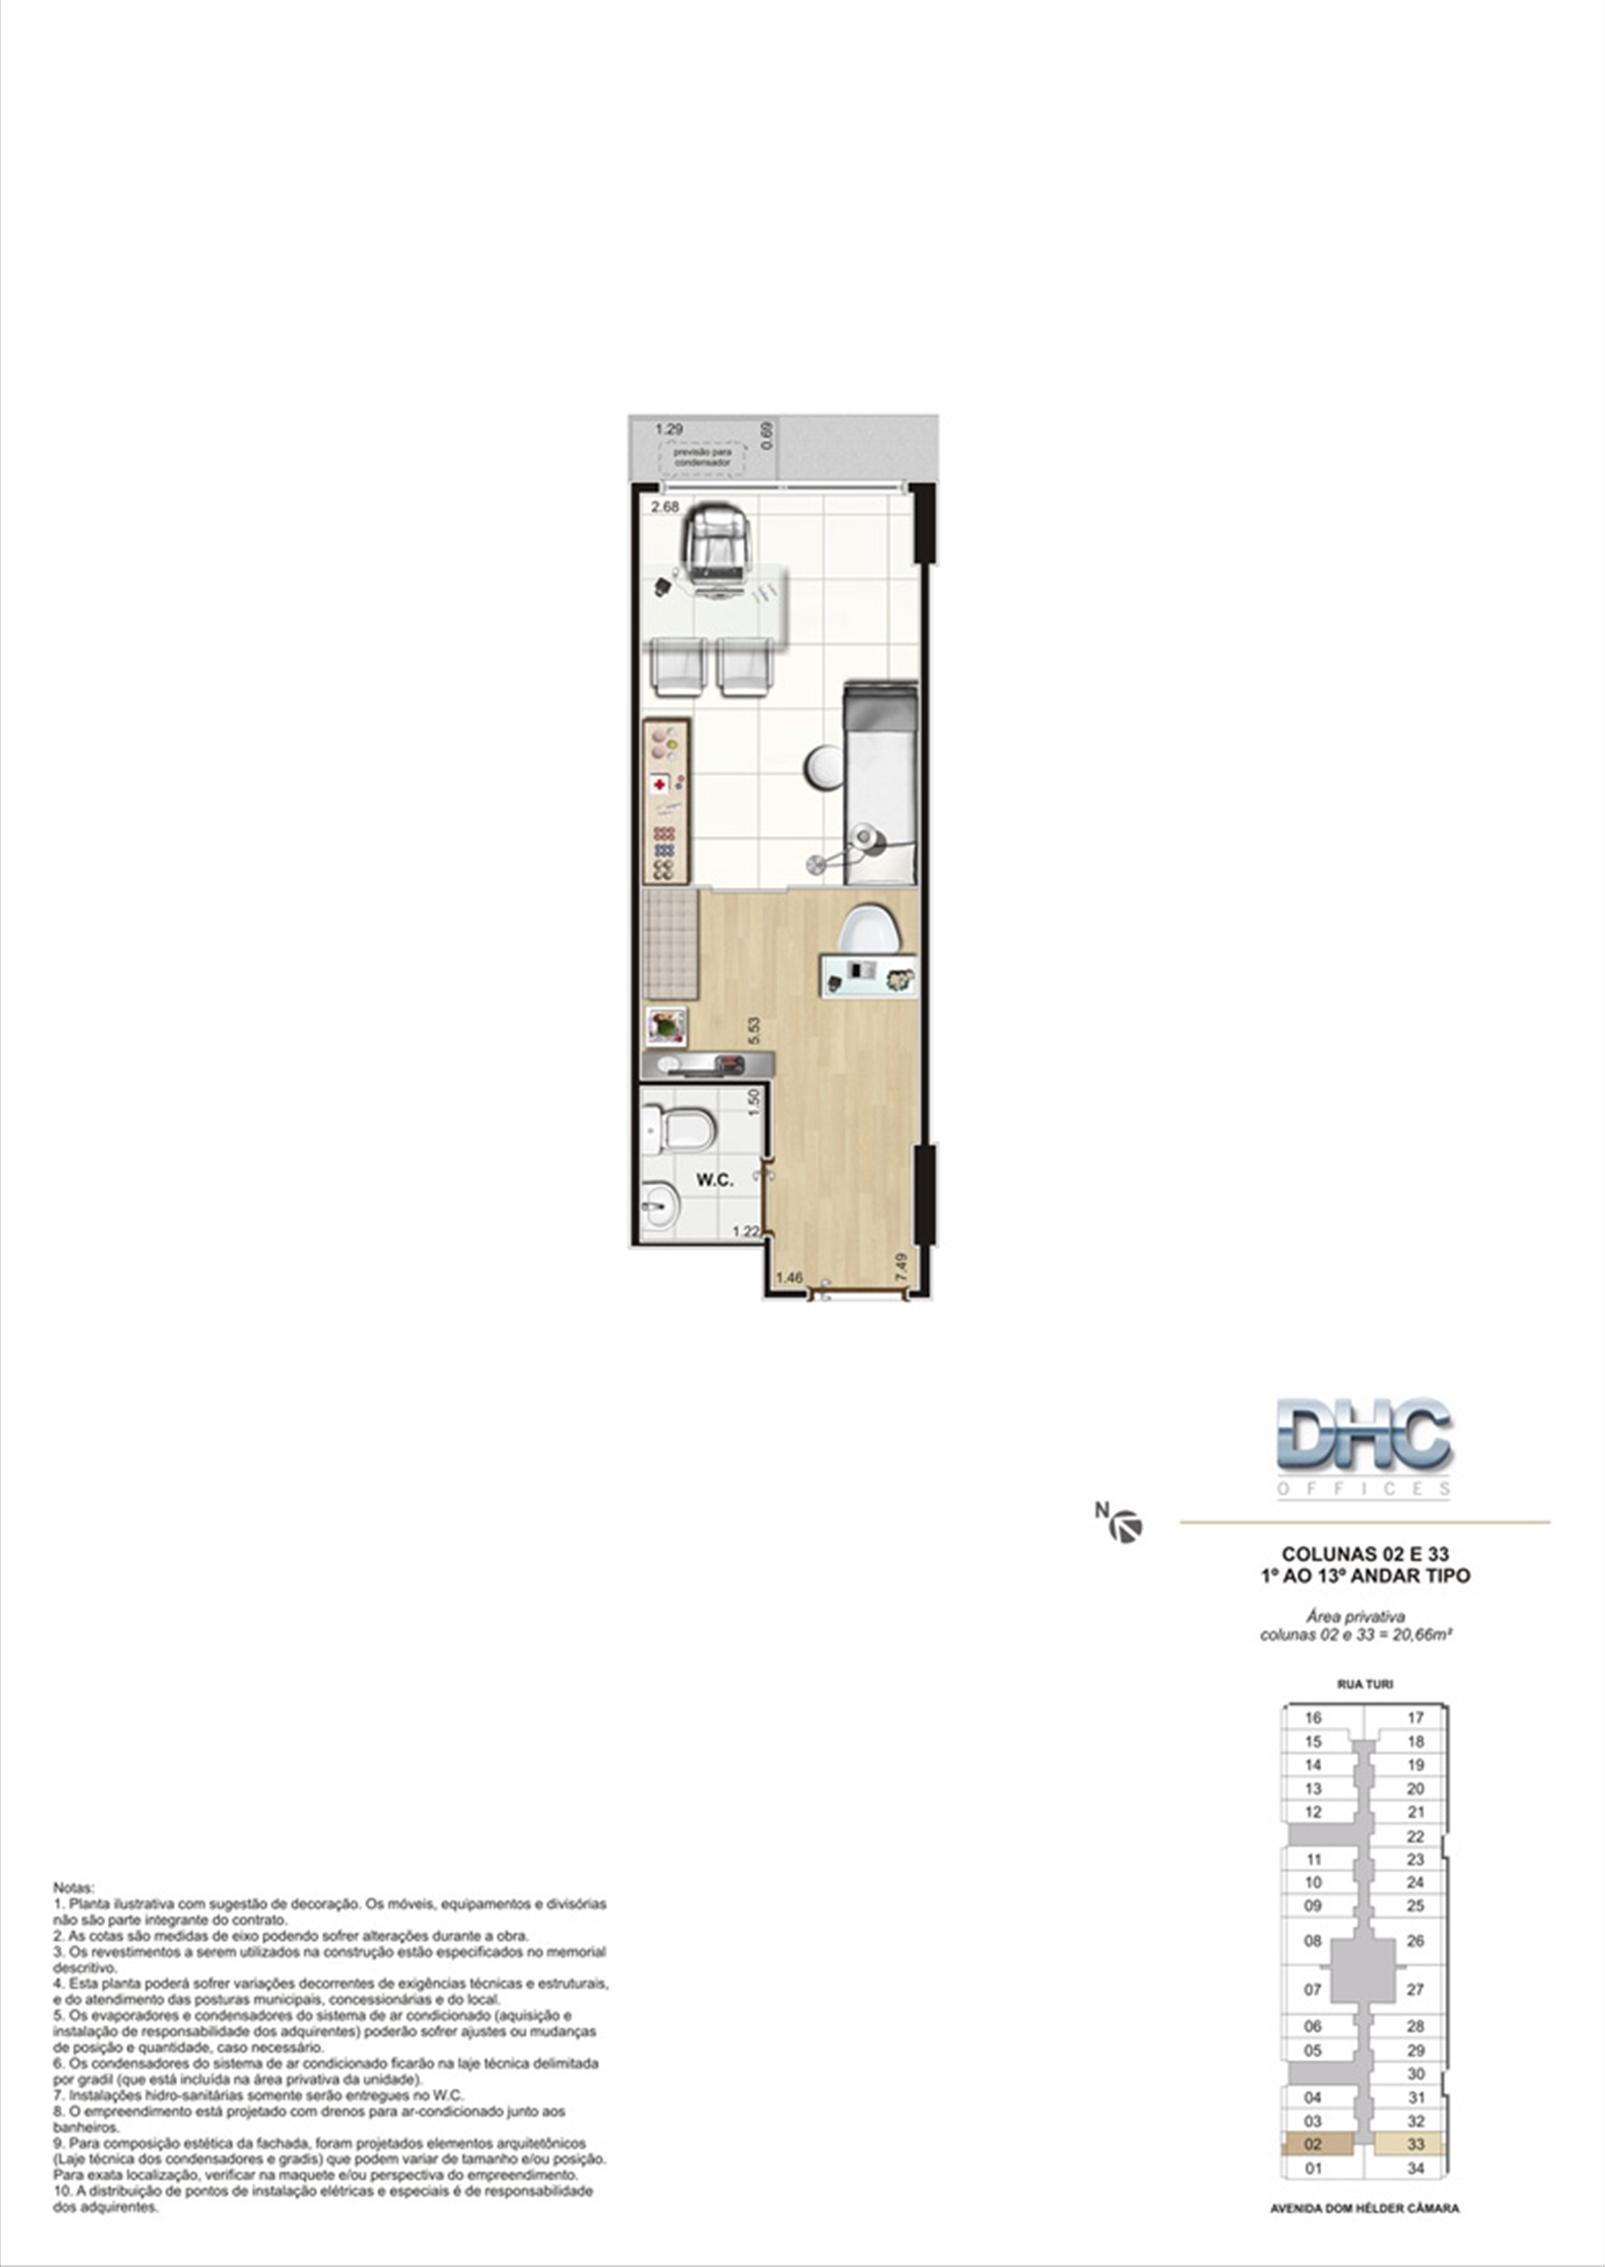 Colunas 02 e 33 -1° ao 13º andar tipo | DHC Offices – Salas Comerciaisem  Pilares - Rio de Janeiro - Rio de Janeiro